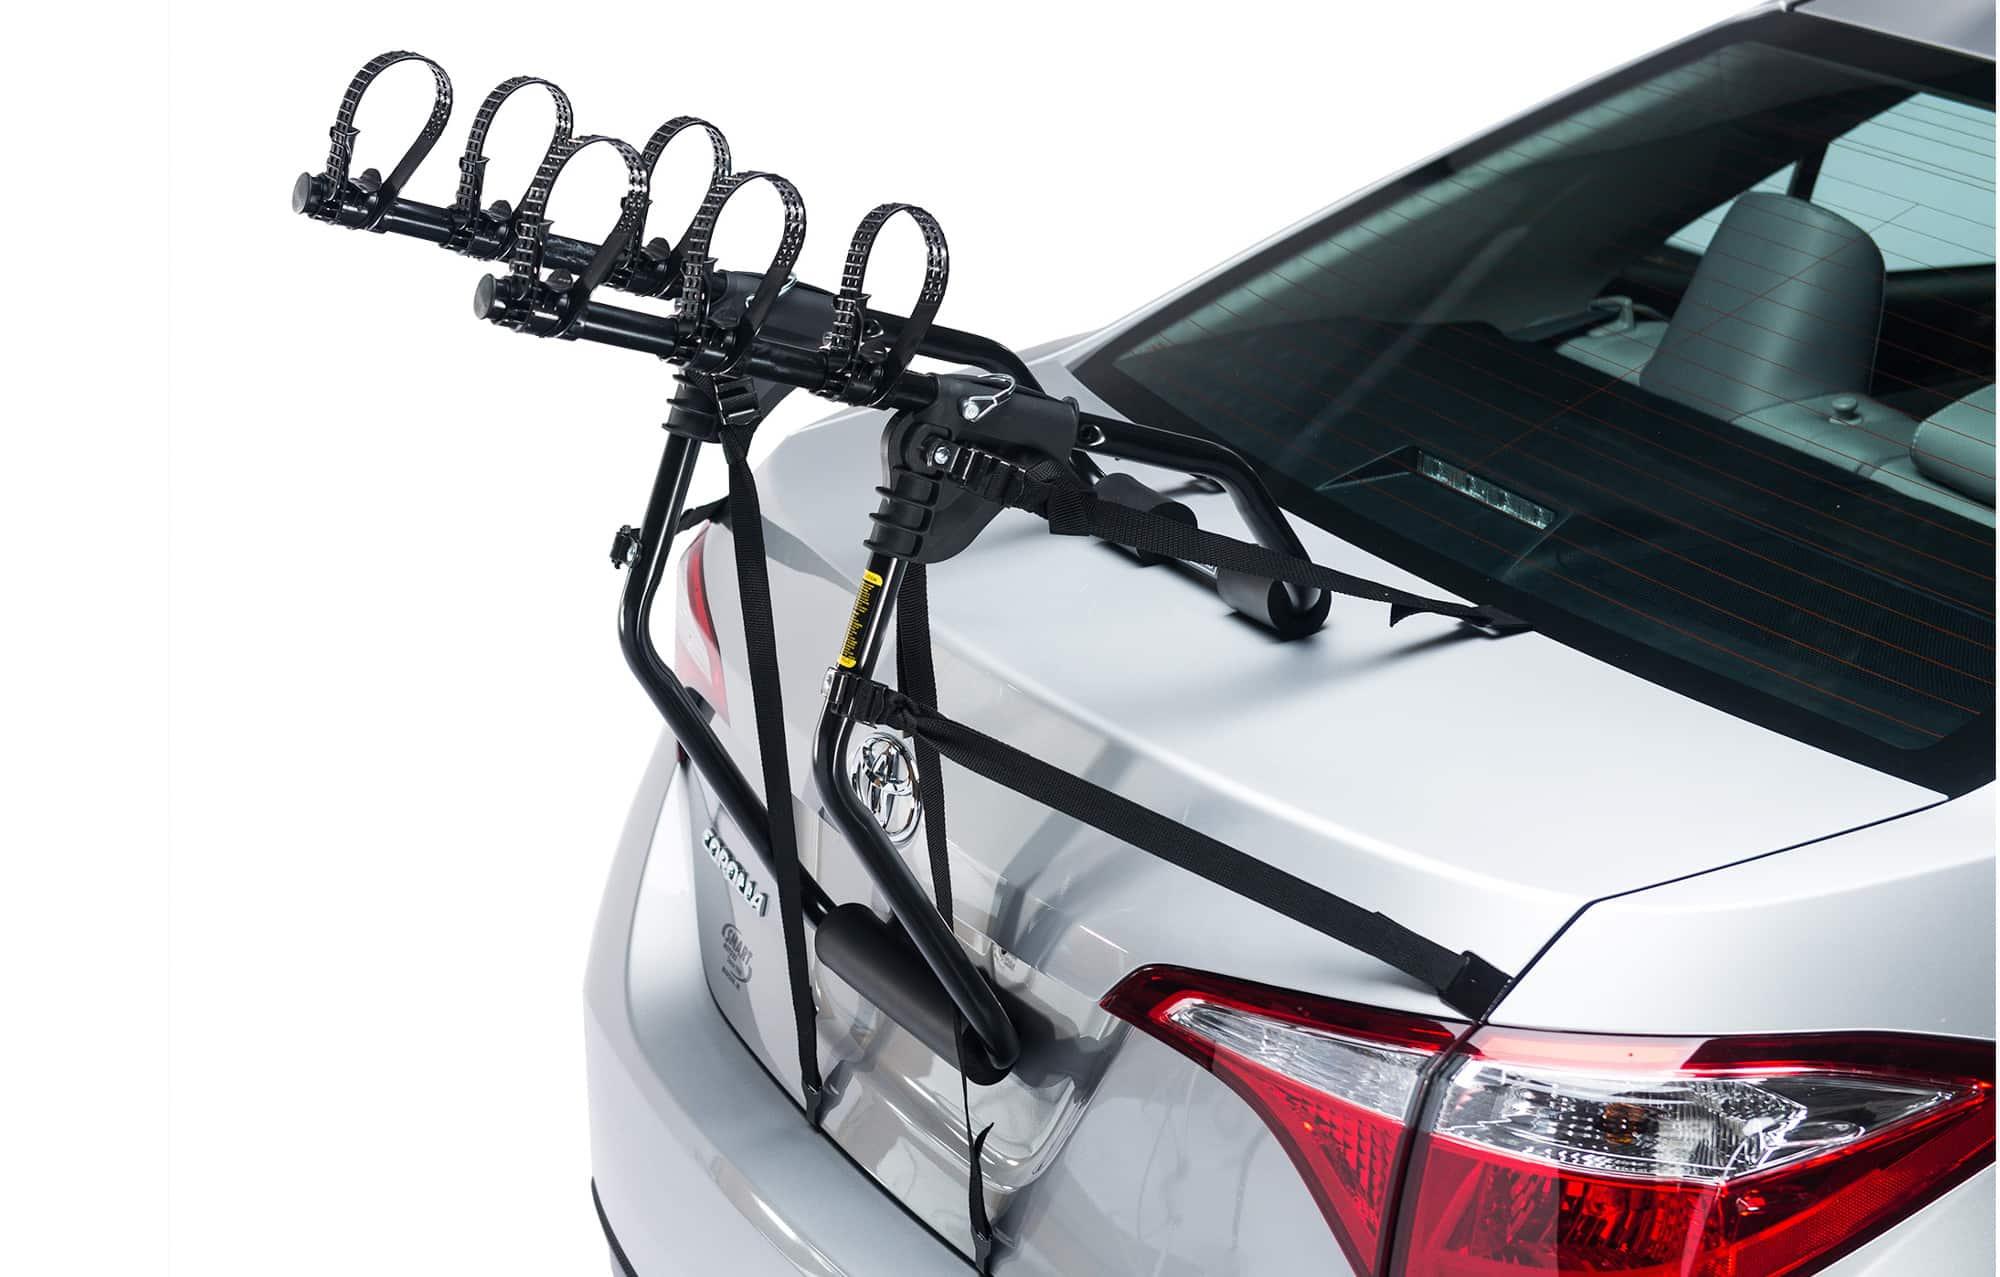 Un porte vélo sur le coffre de la voiture